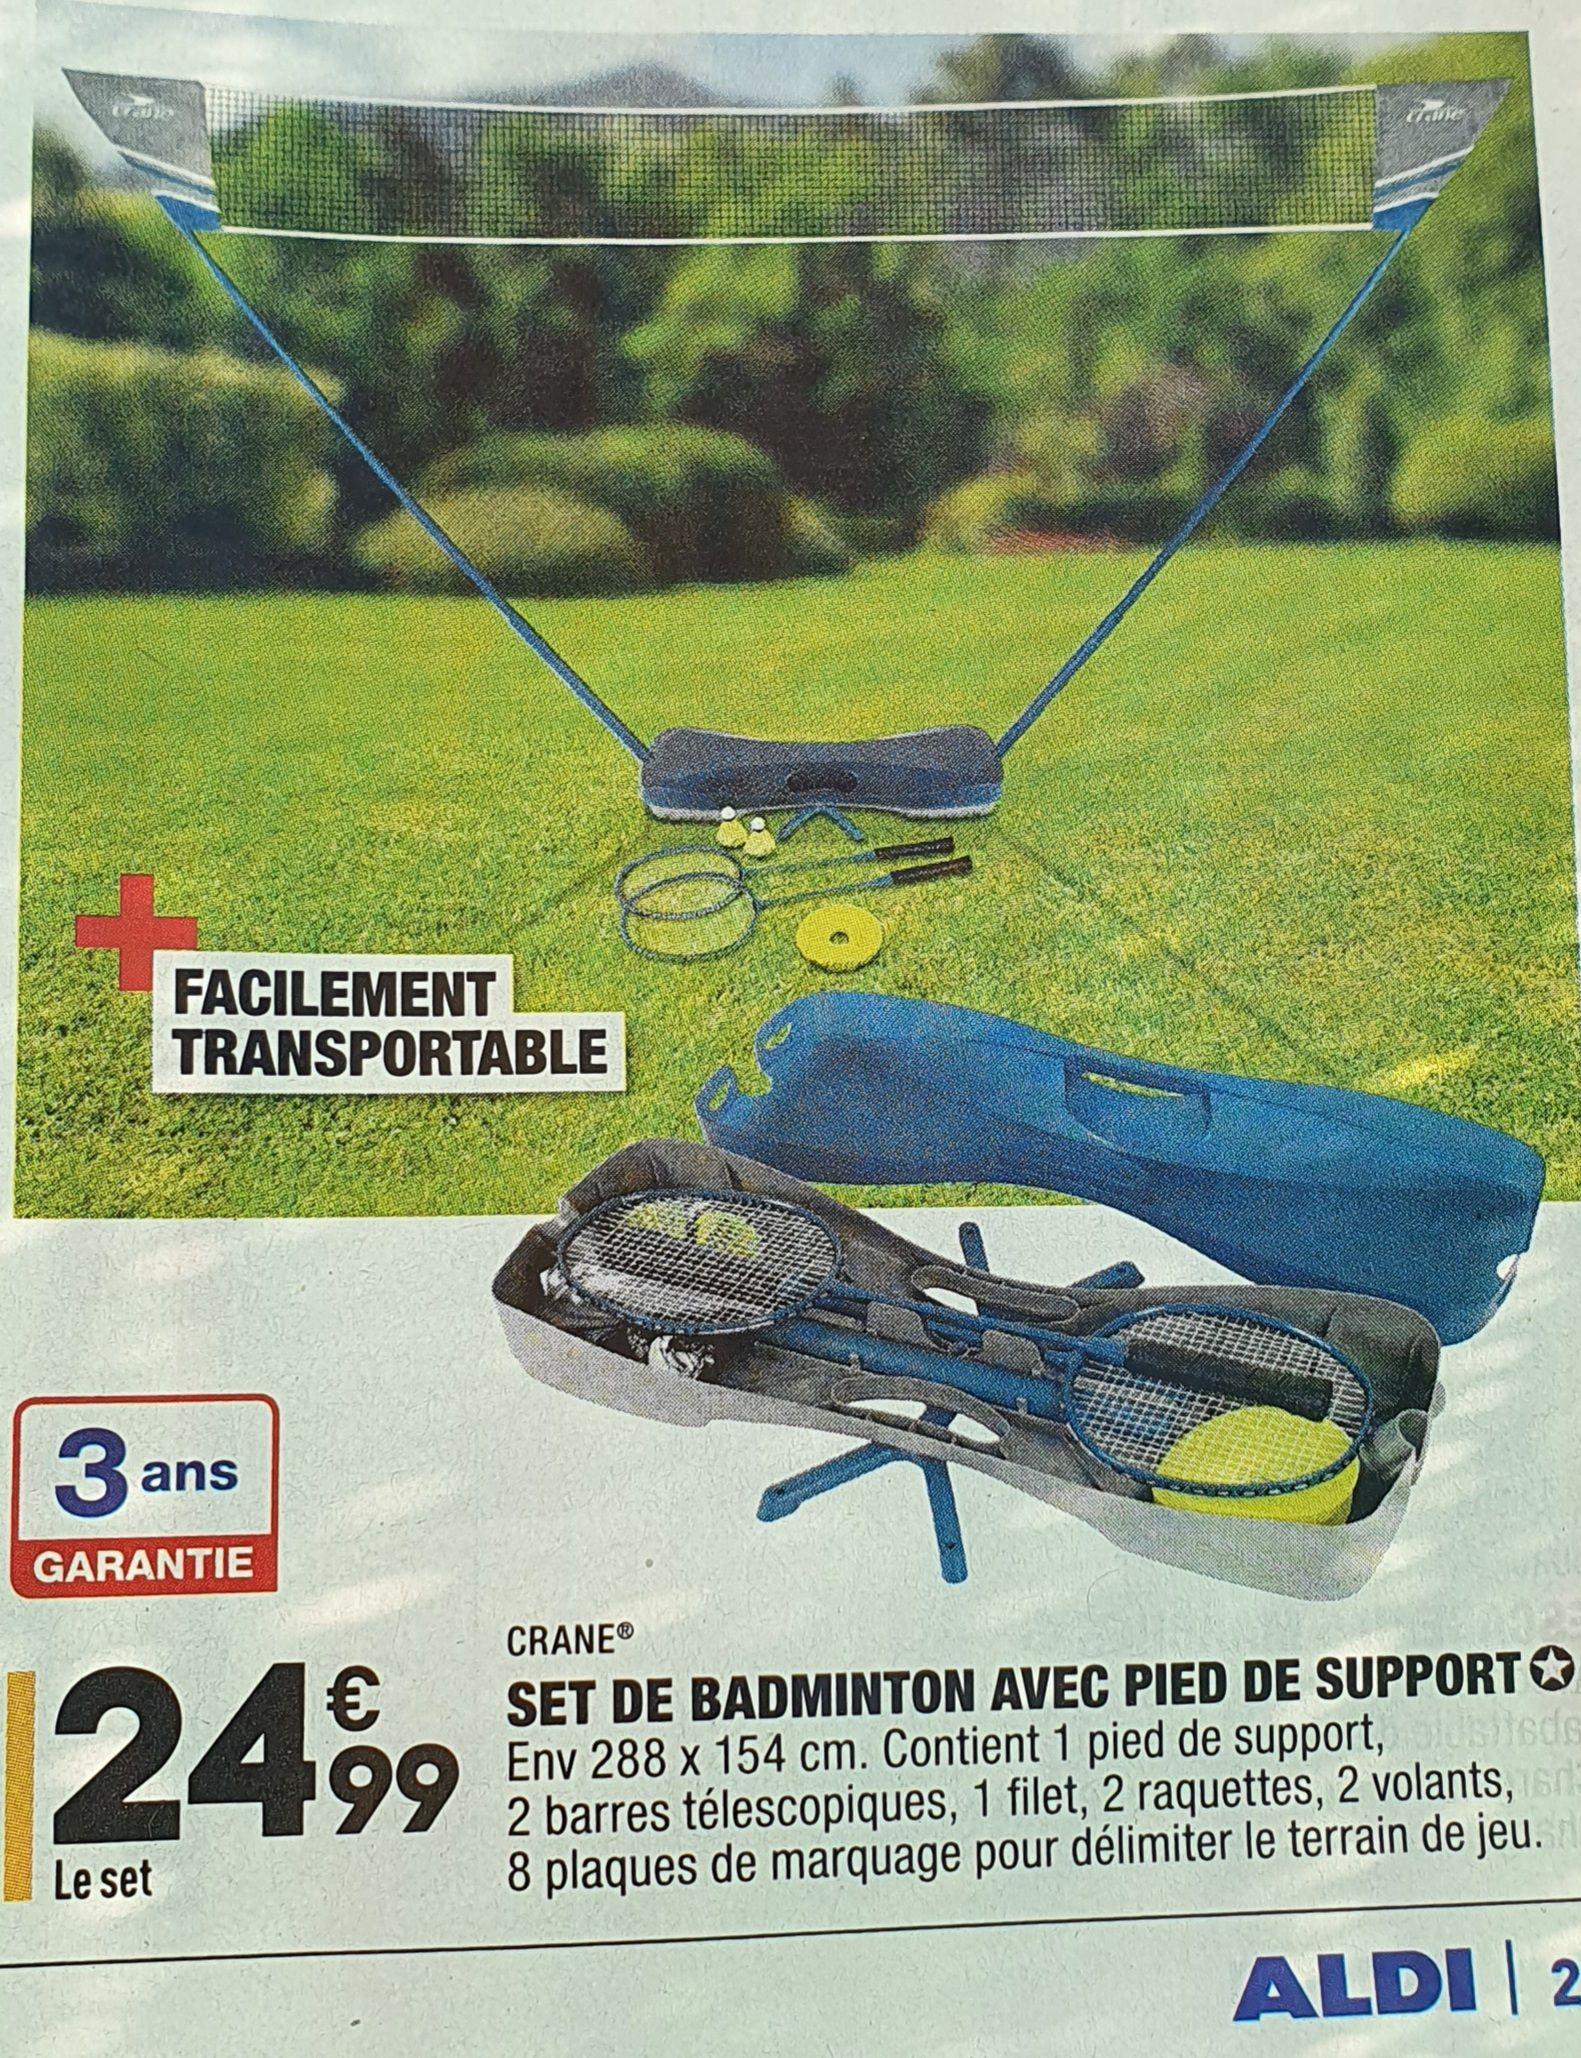 Set de badminton avec pied de support